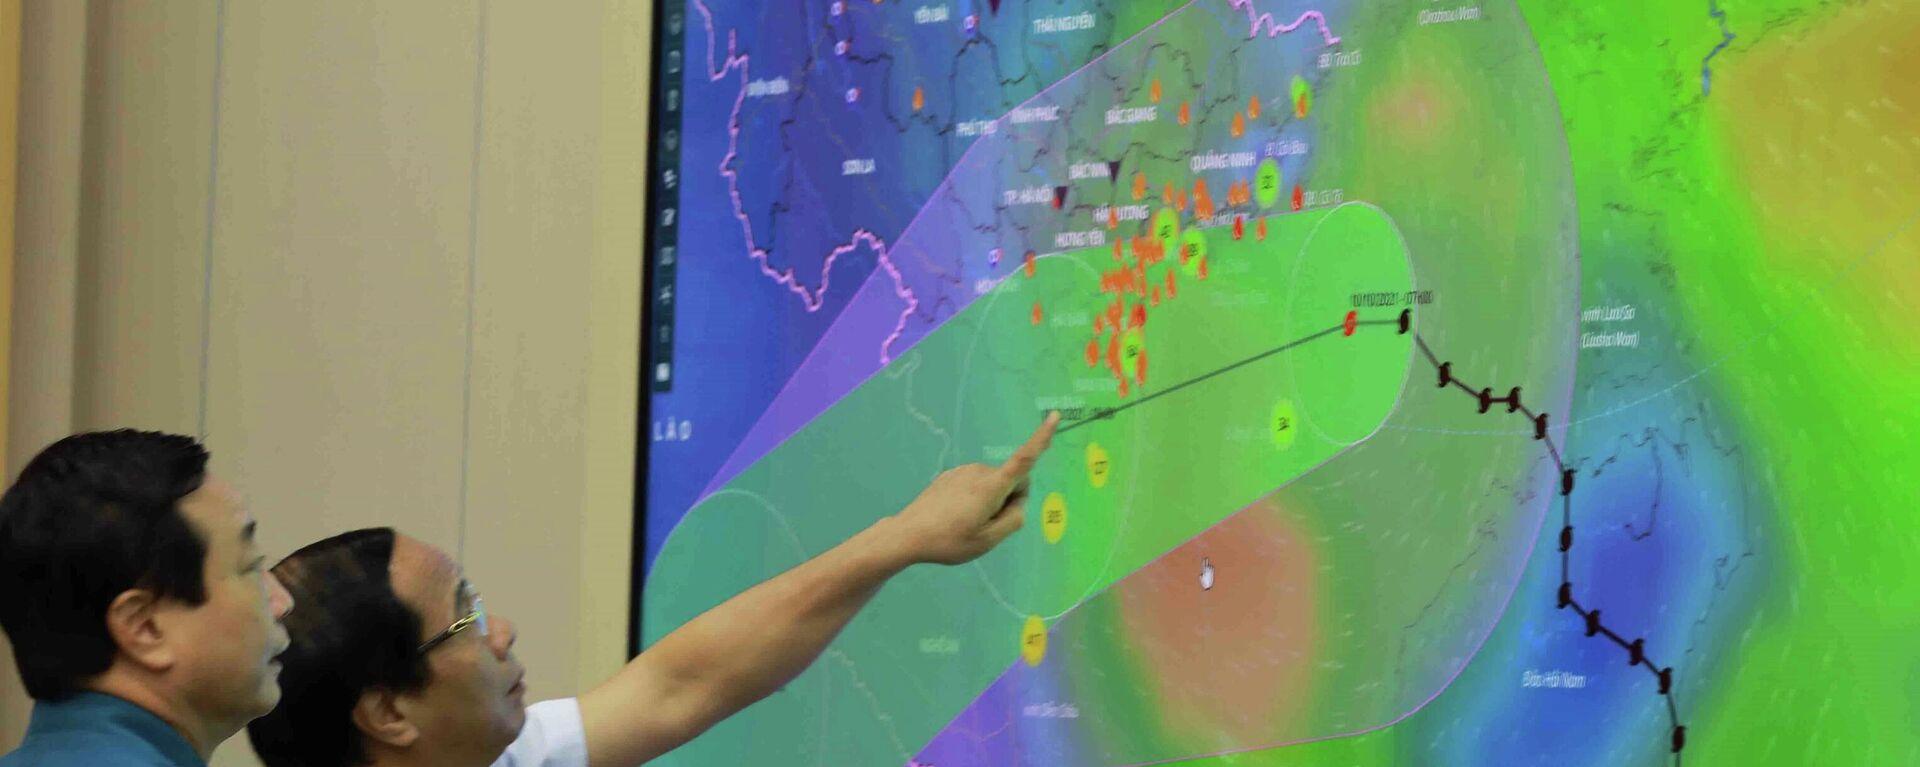 Phó Thủ tướng Lê Văn Thành xem sơ đồ đường đi của bão số 7 - Sputnik Việt Nam, 1920, 10.10.2021